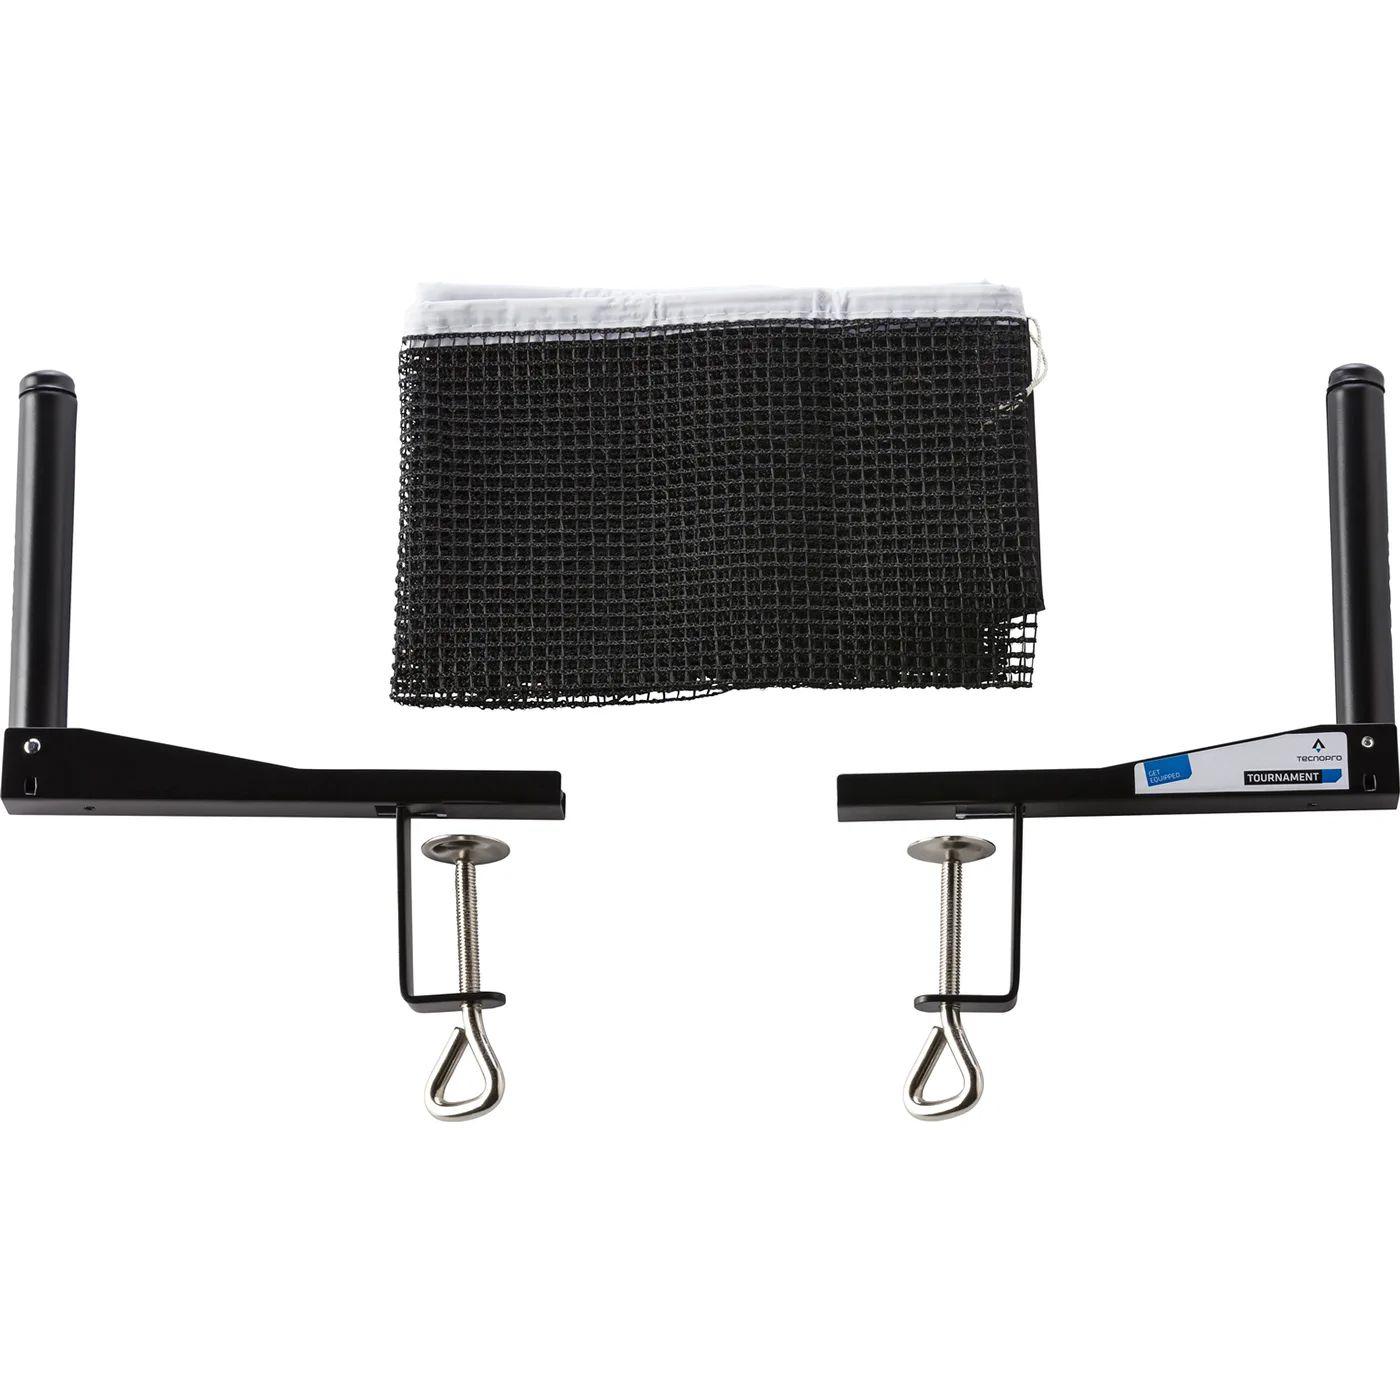 Tischtennis-Netz-Garnitur Tecnopro TEC4000